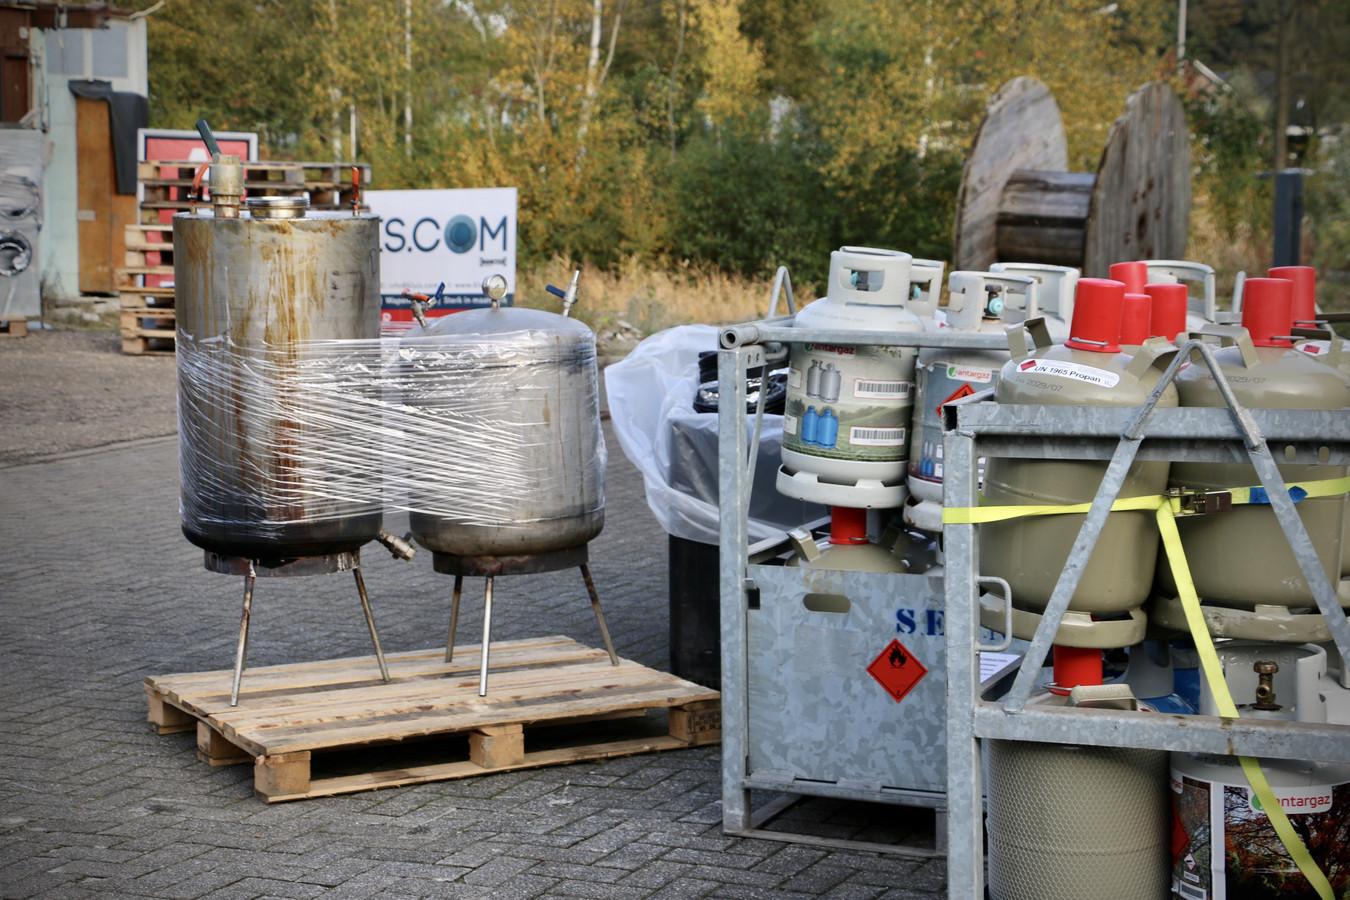 De ontmanteling van het drugslab aan de Kleibultweg in Oldenzaal.